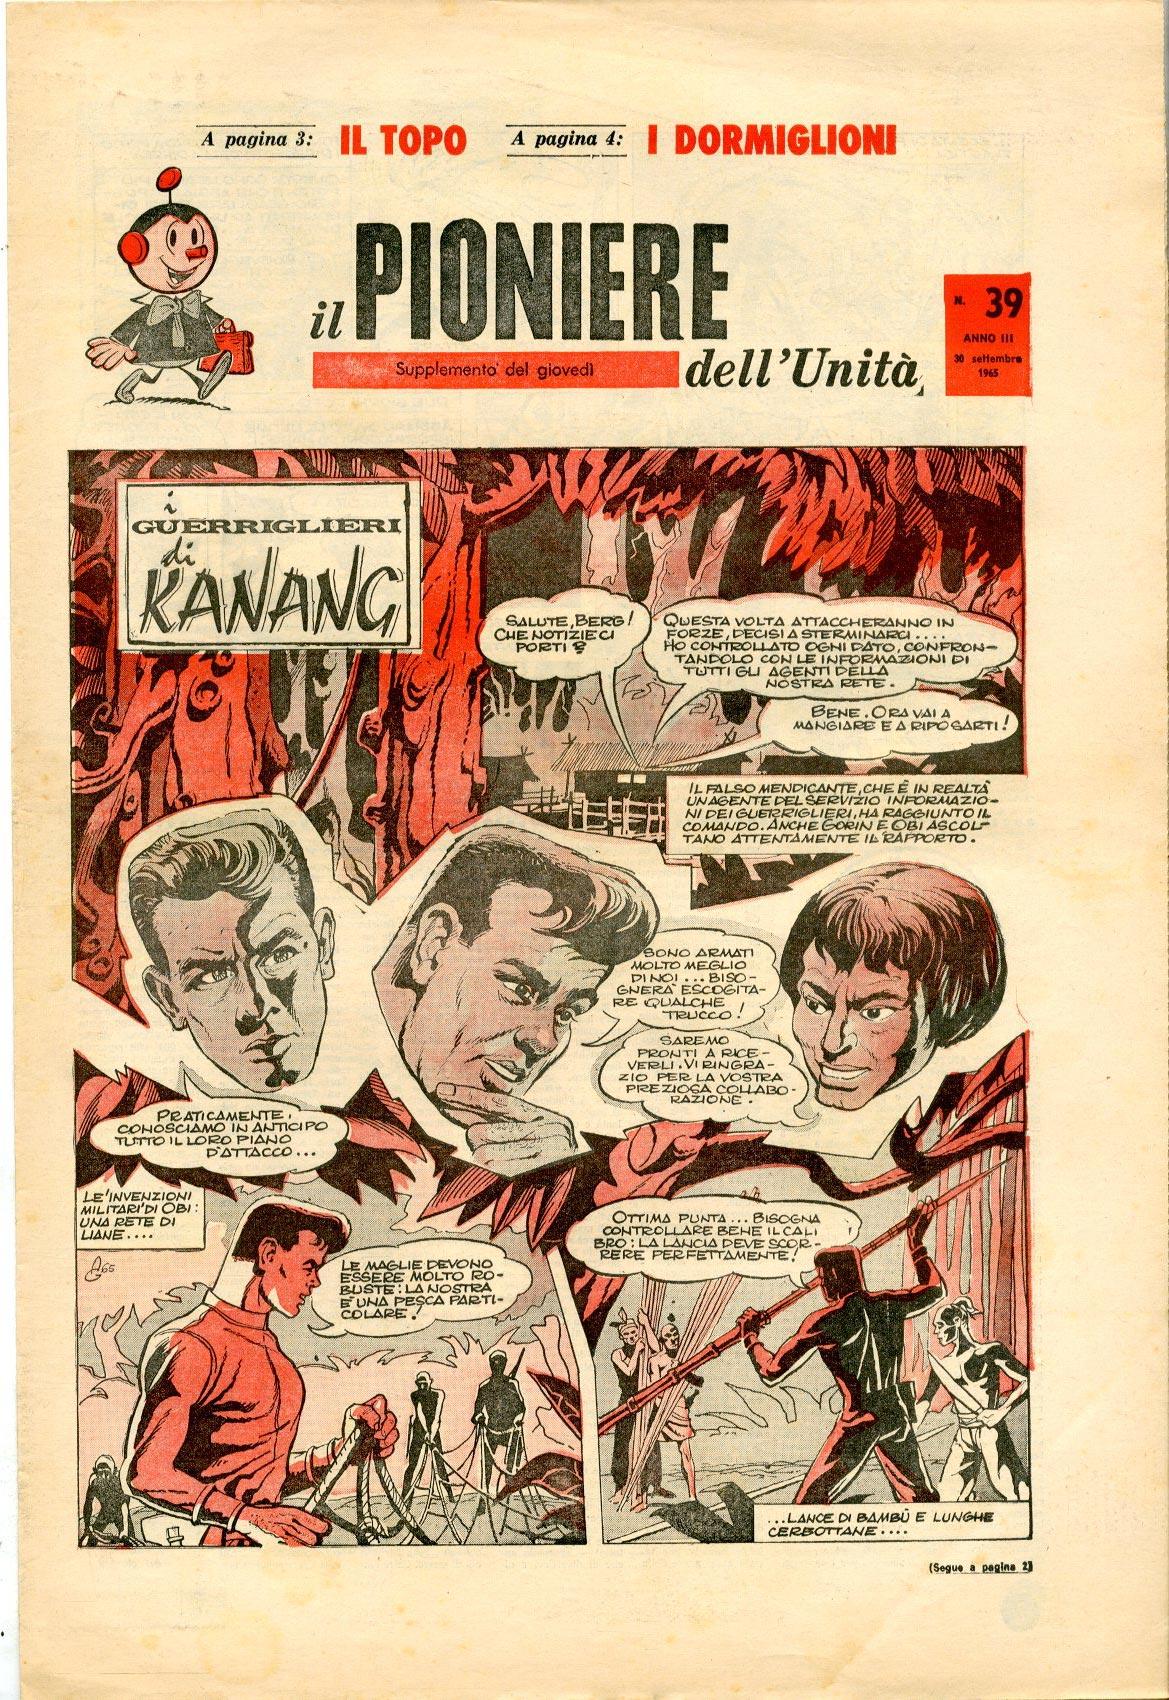 Fumetto-online.it - Il Portale dei Fumetti e dei suoi lettori  vendita  fumetti e acquisto fumetti d3a3e26e44d7